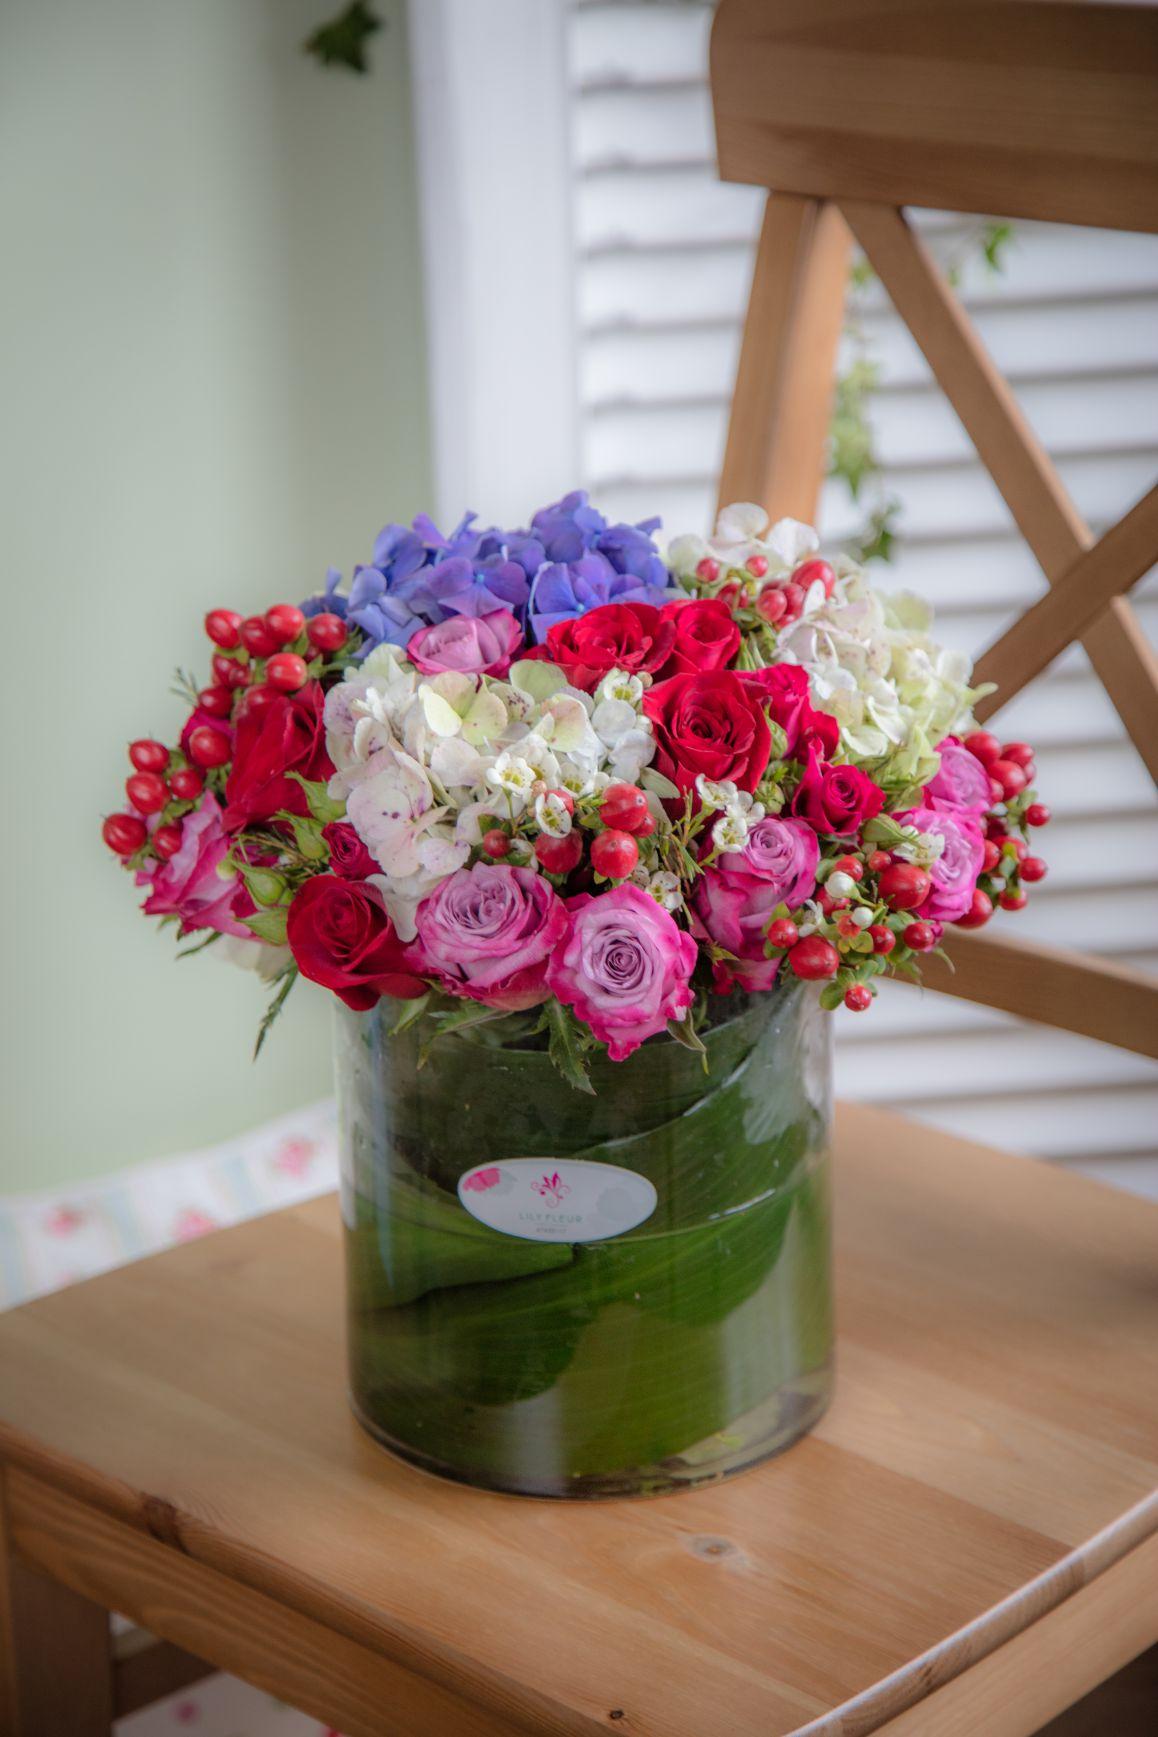 جويفل لي لي 'زهور مع قاعدة'